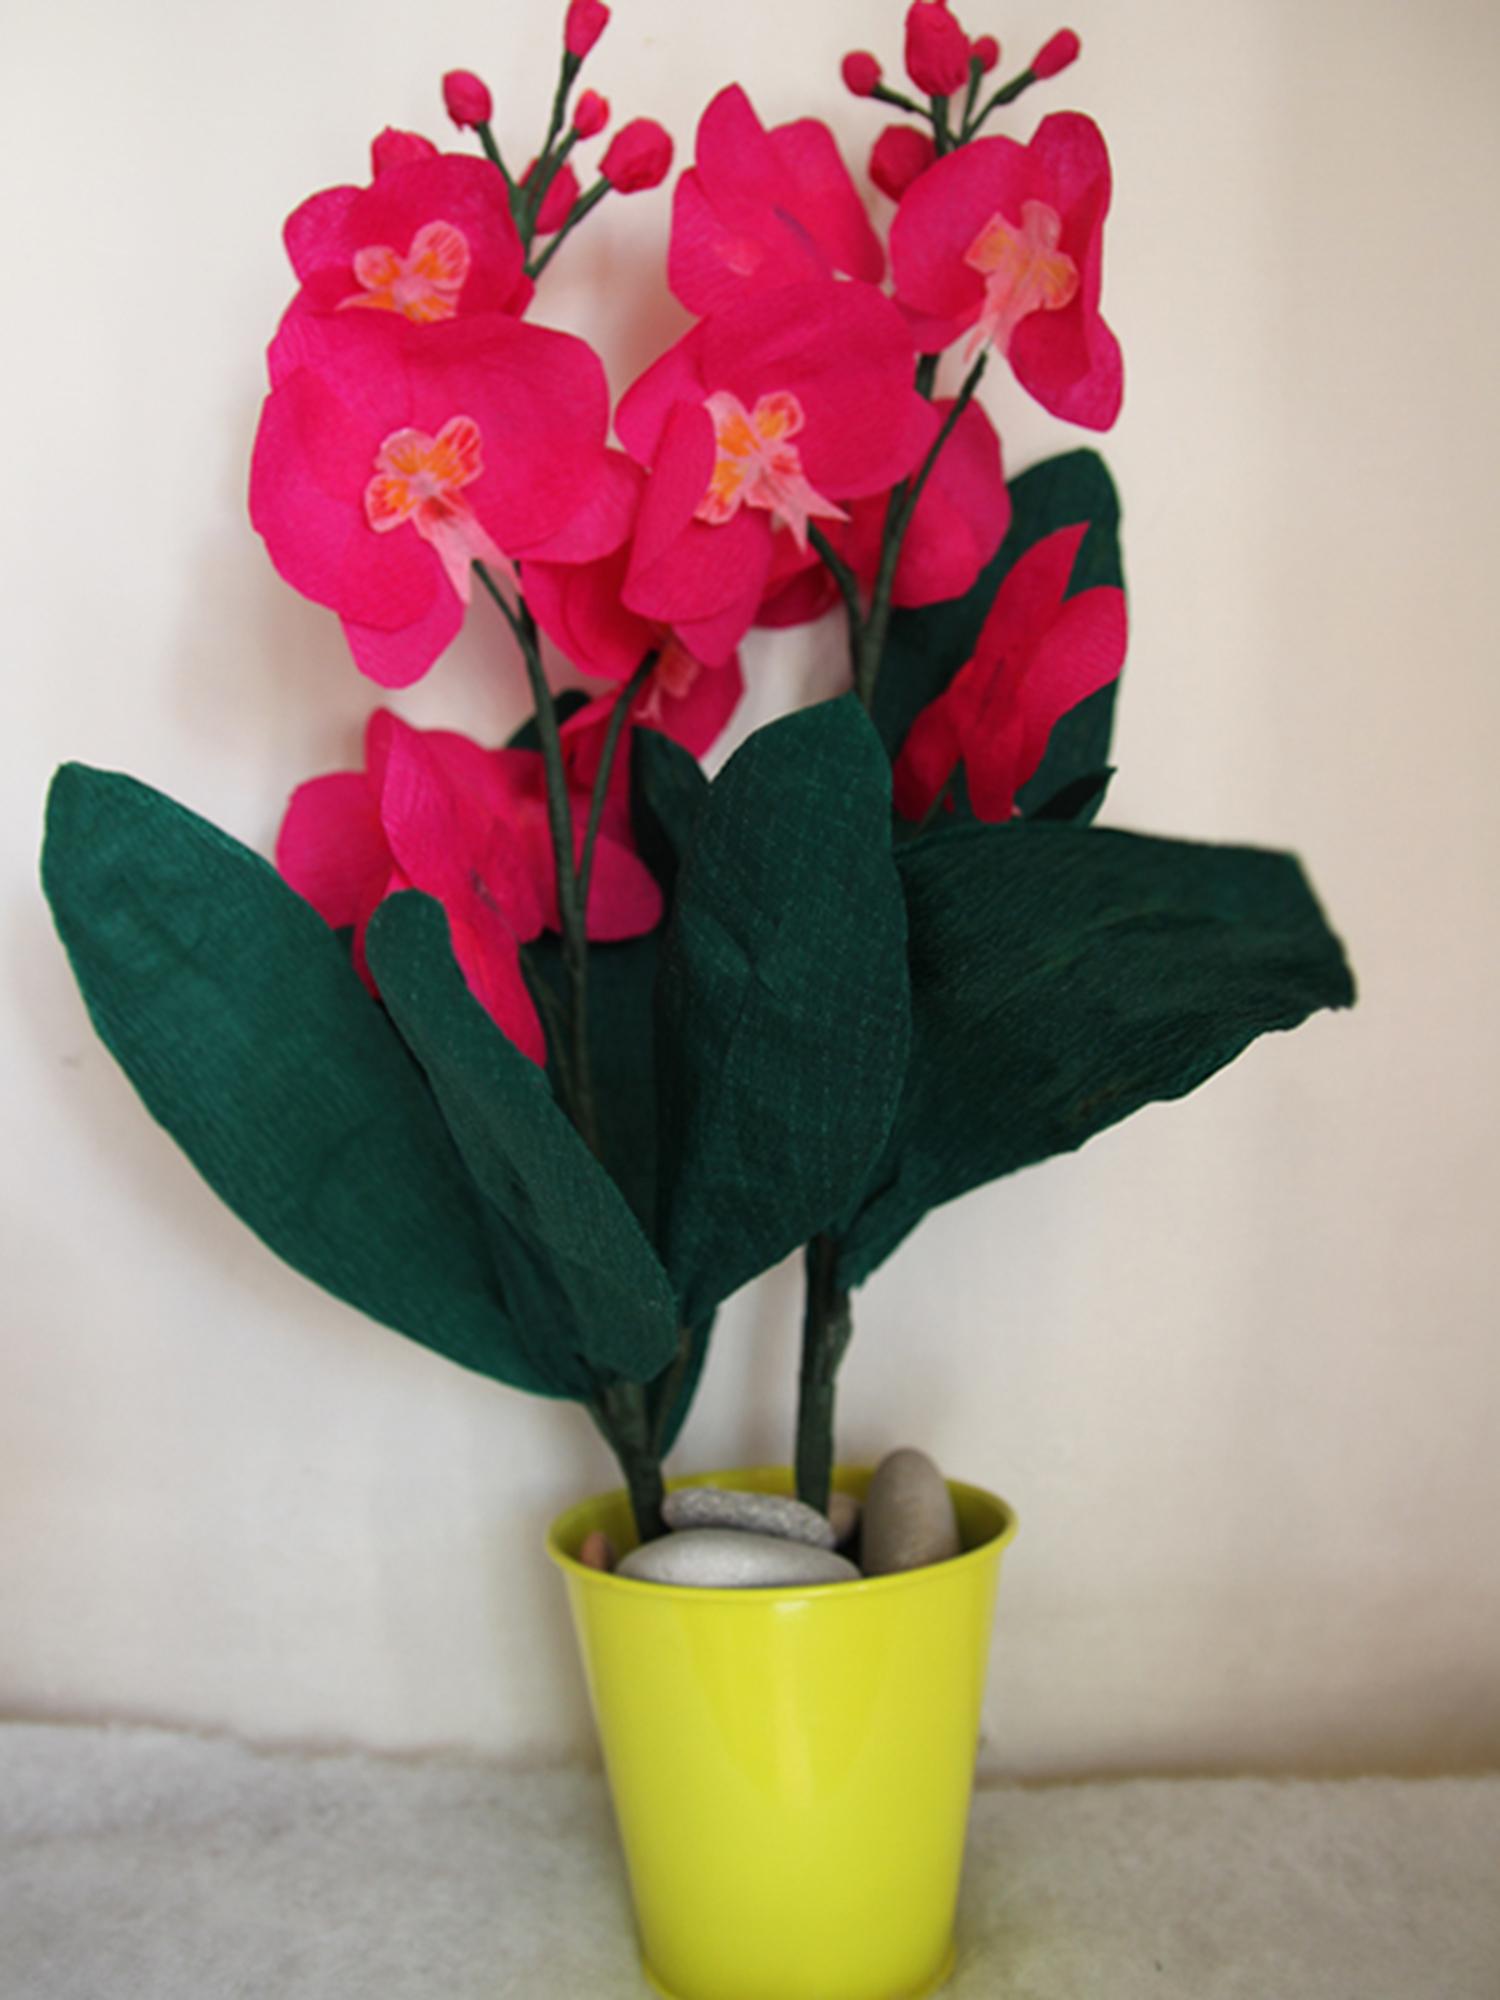 Diy Réalisation D'orchidées En Papier Crépon De Couleur Rose encequiconcerne Realisation Papier Crepon